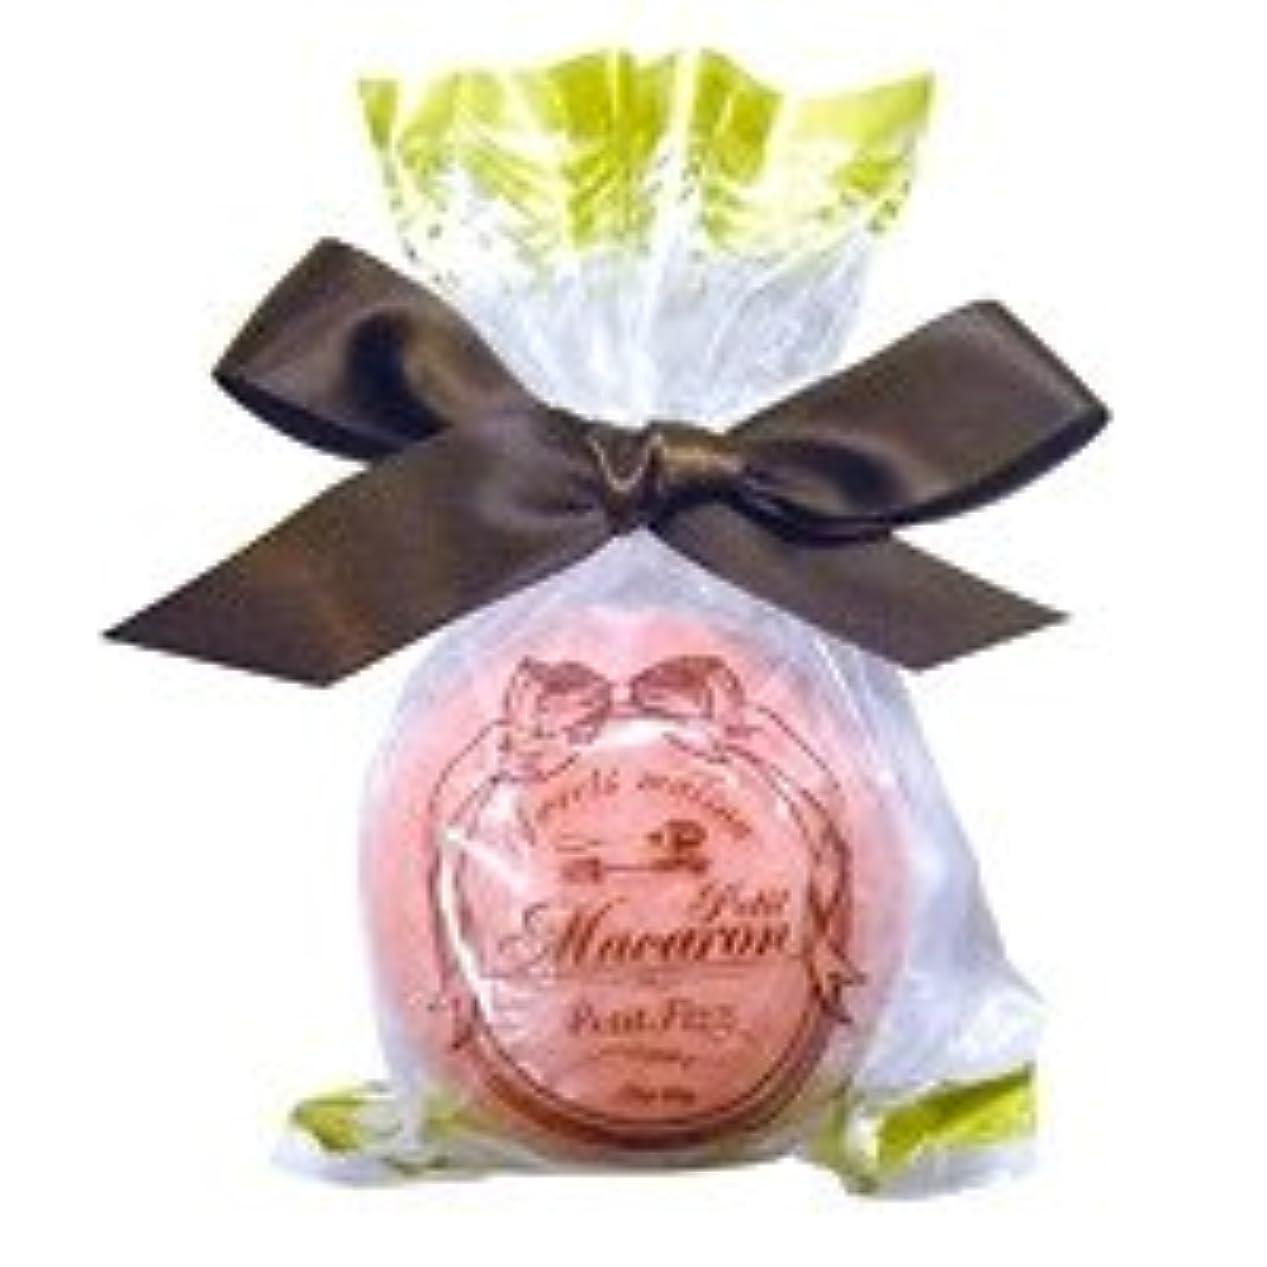 コピーストライドアカウントスウィーツメゾン プチマカロンフィズ「ダークピンク」12個セット 華やかなローズの香り